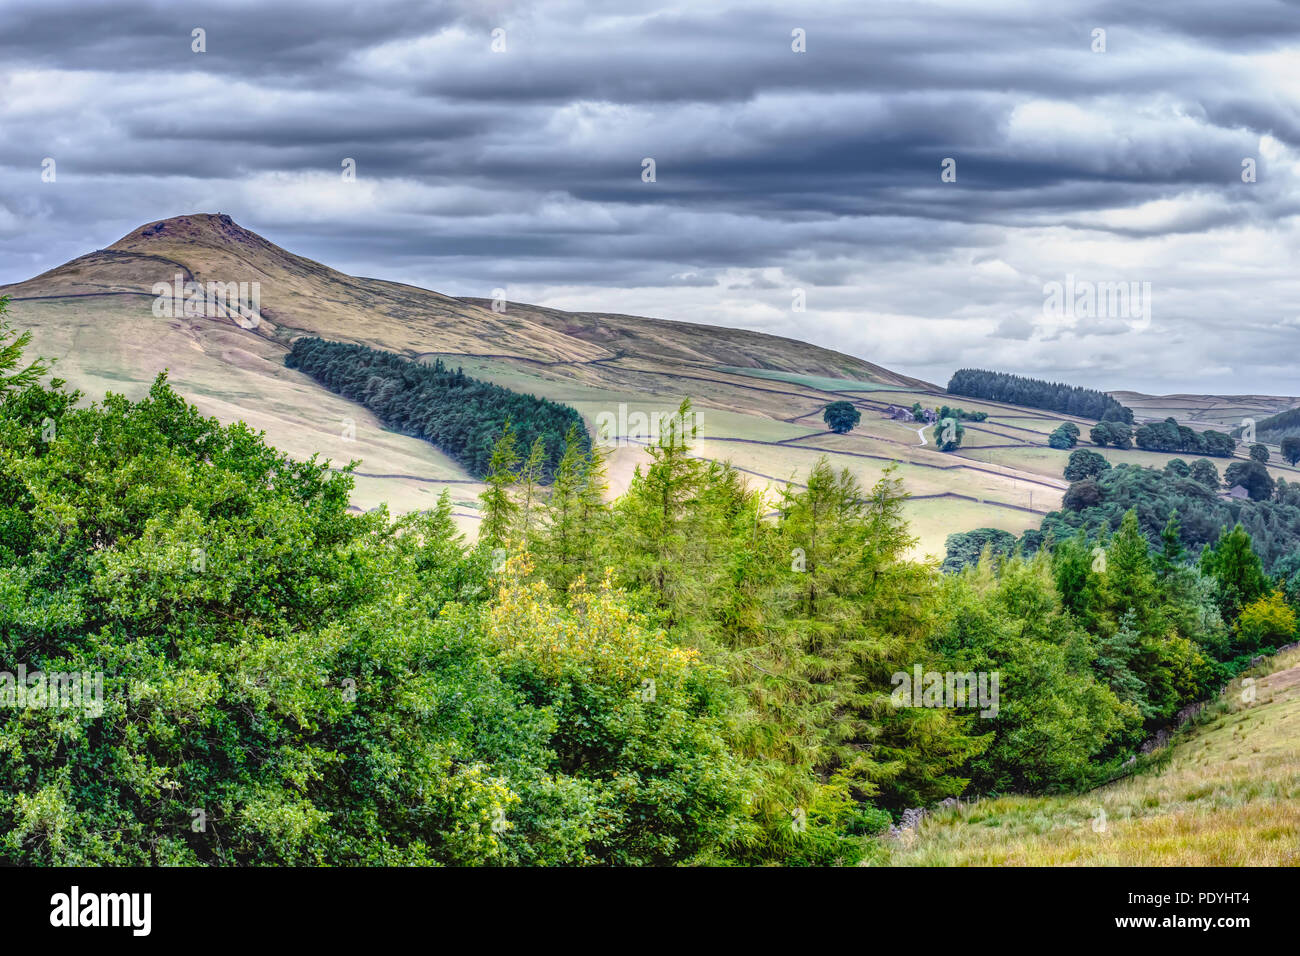 Paisaje idílico de Peak District National Park, Derbyshire, Reino Unido.Vista panorámica sobre el valle de montaña con árboles en primer plano y en el fondo de la cumbre. Imagen De Stock